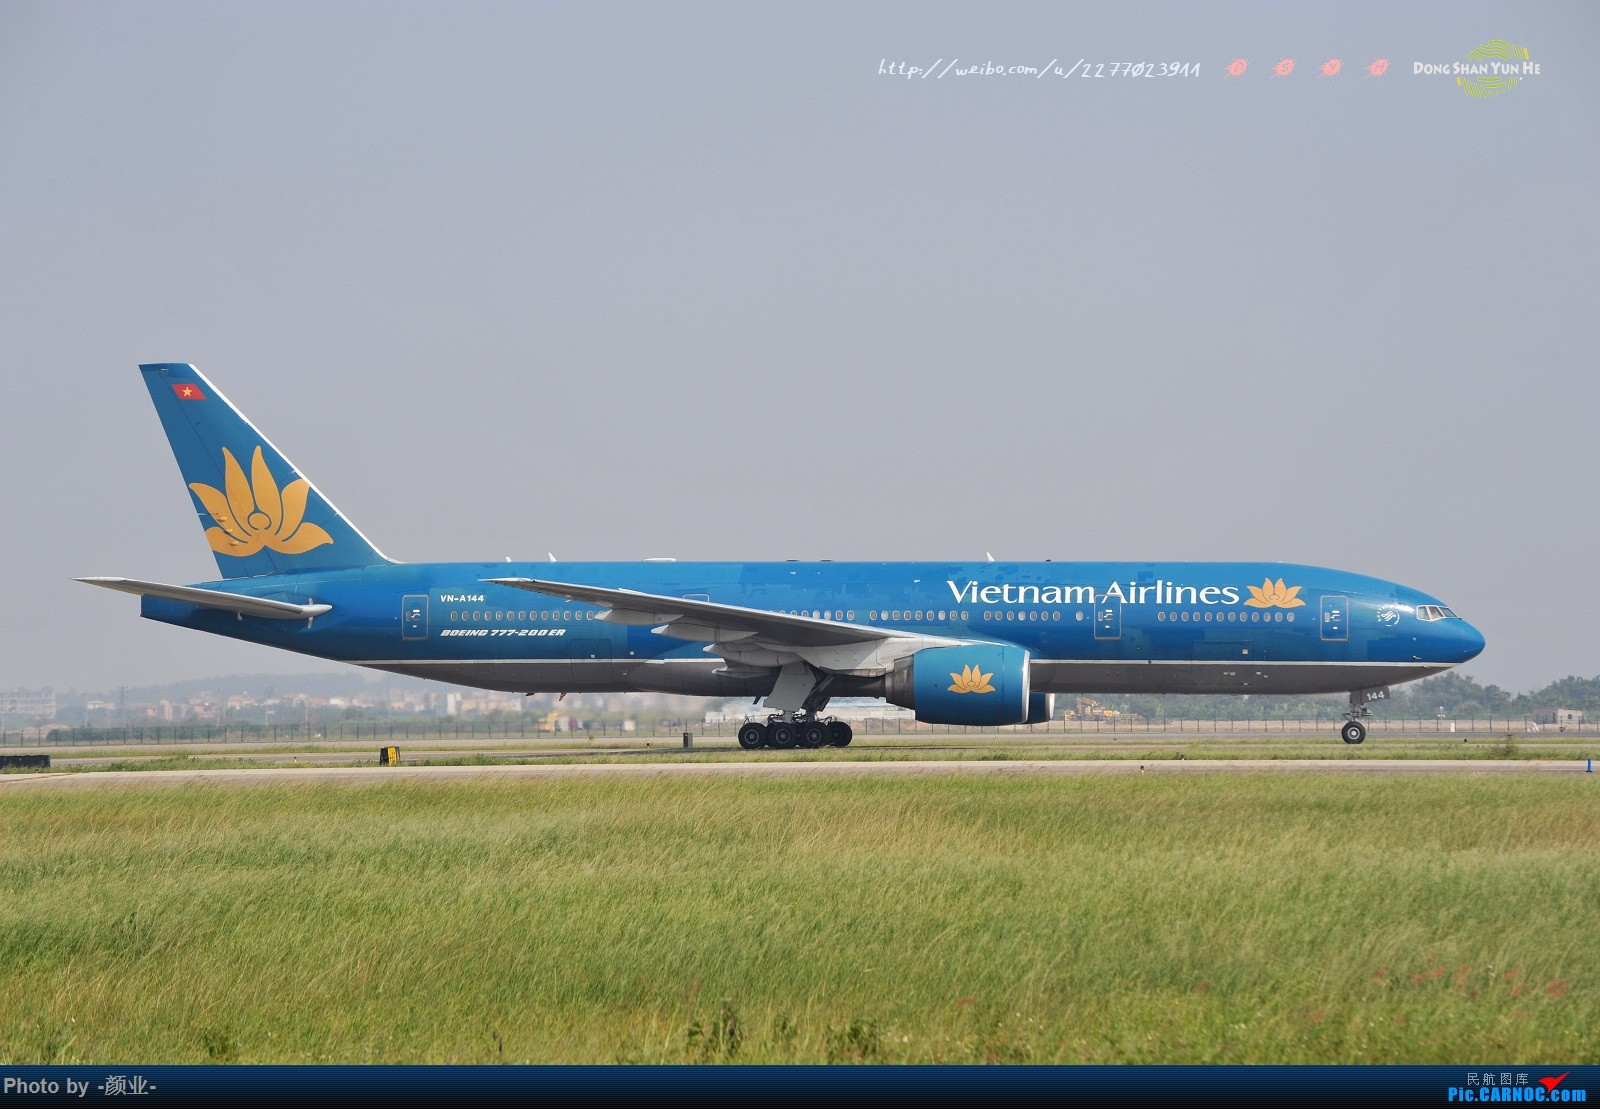 Re:[原创]ZGGG(广州CAN)的波音777系列-继续更新 BOEING 777-200 VN-A144 中国广州白云国际机场